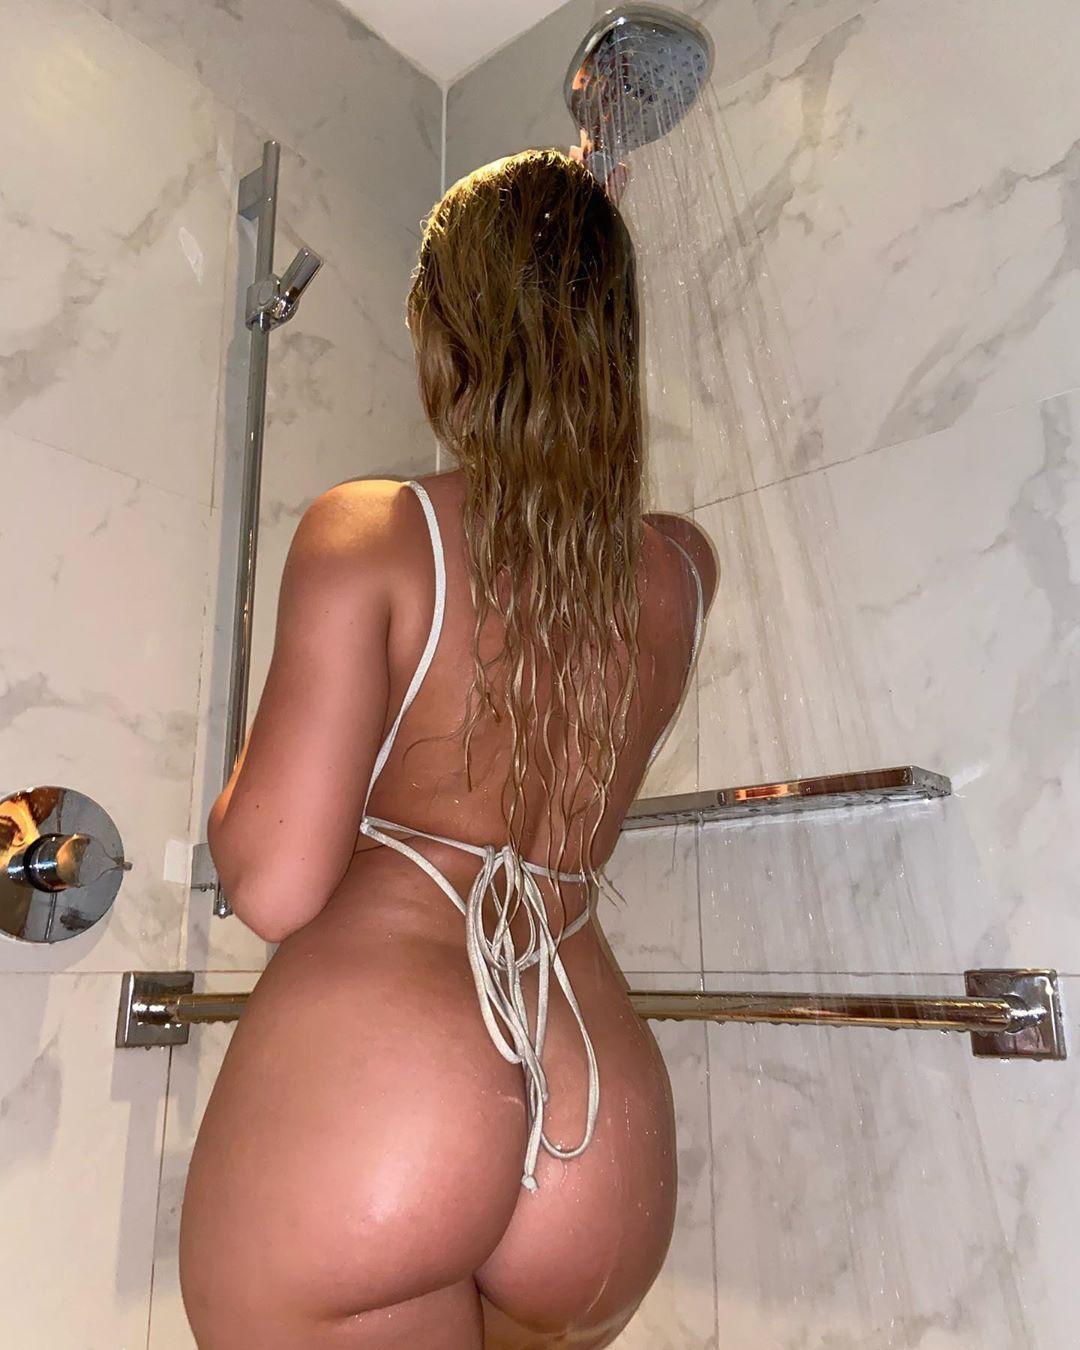 Jenni Niemaann Sexy & Topless 0078